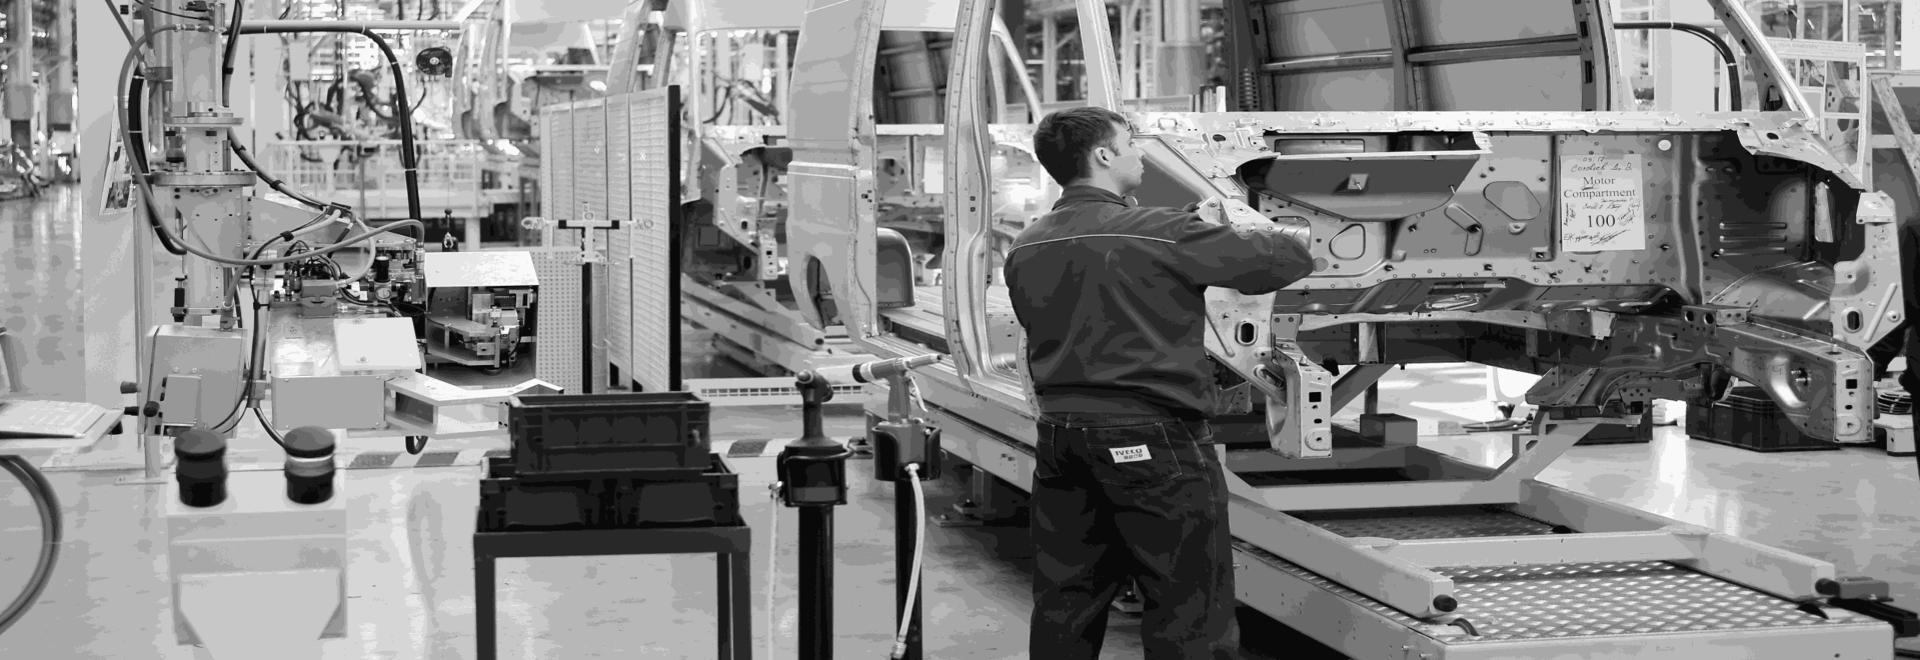 El mOOnTAG de EDITAG permite monitorizar y optimizar los procesos de preparación de pedidos y los flujos logísticos mediante sensores RFID y sensores IoT